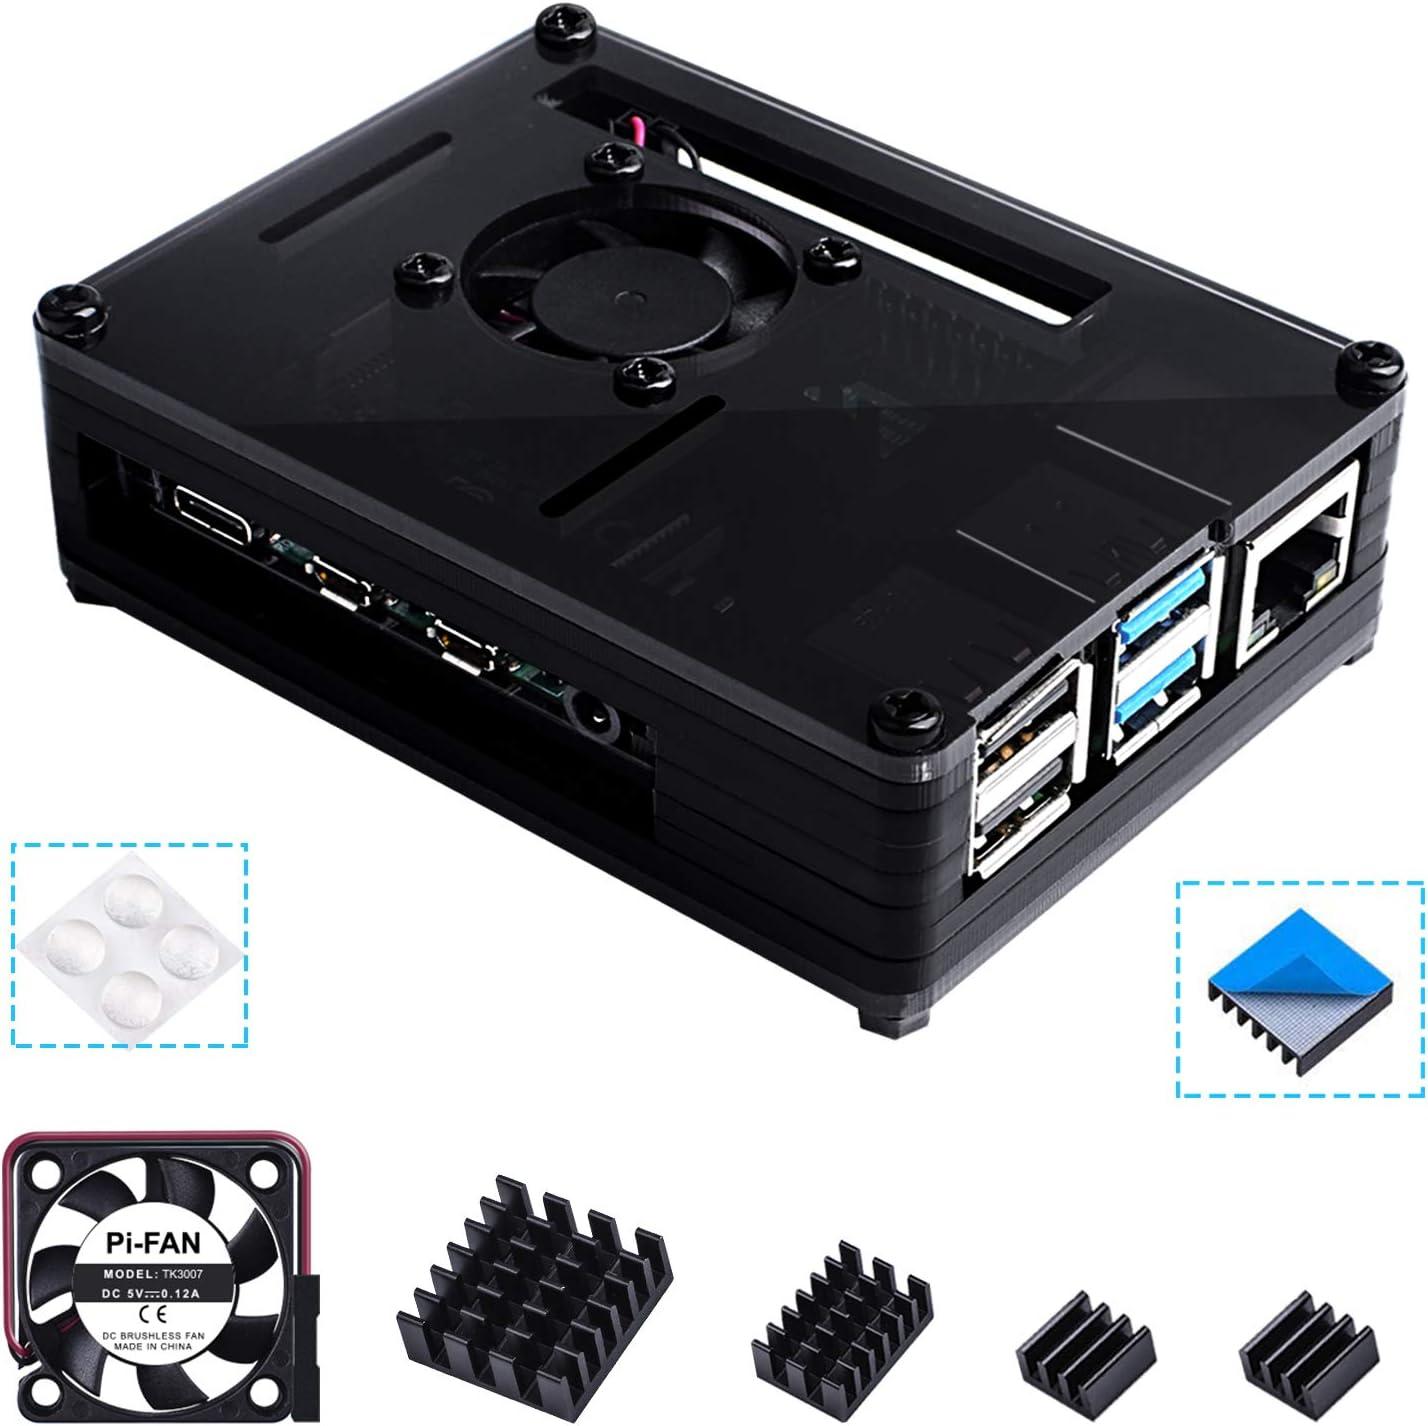 Bruphny Caja para Raspberry Pi 4, Caja con Ventilador, 4 ...